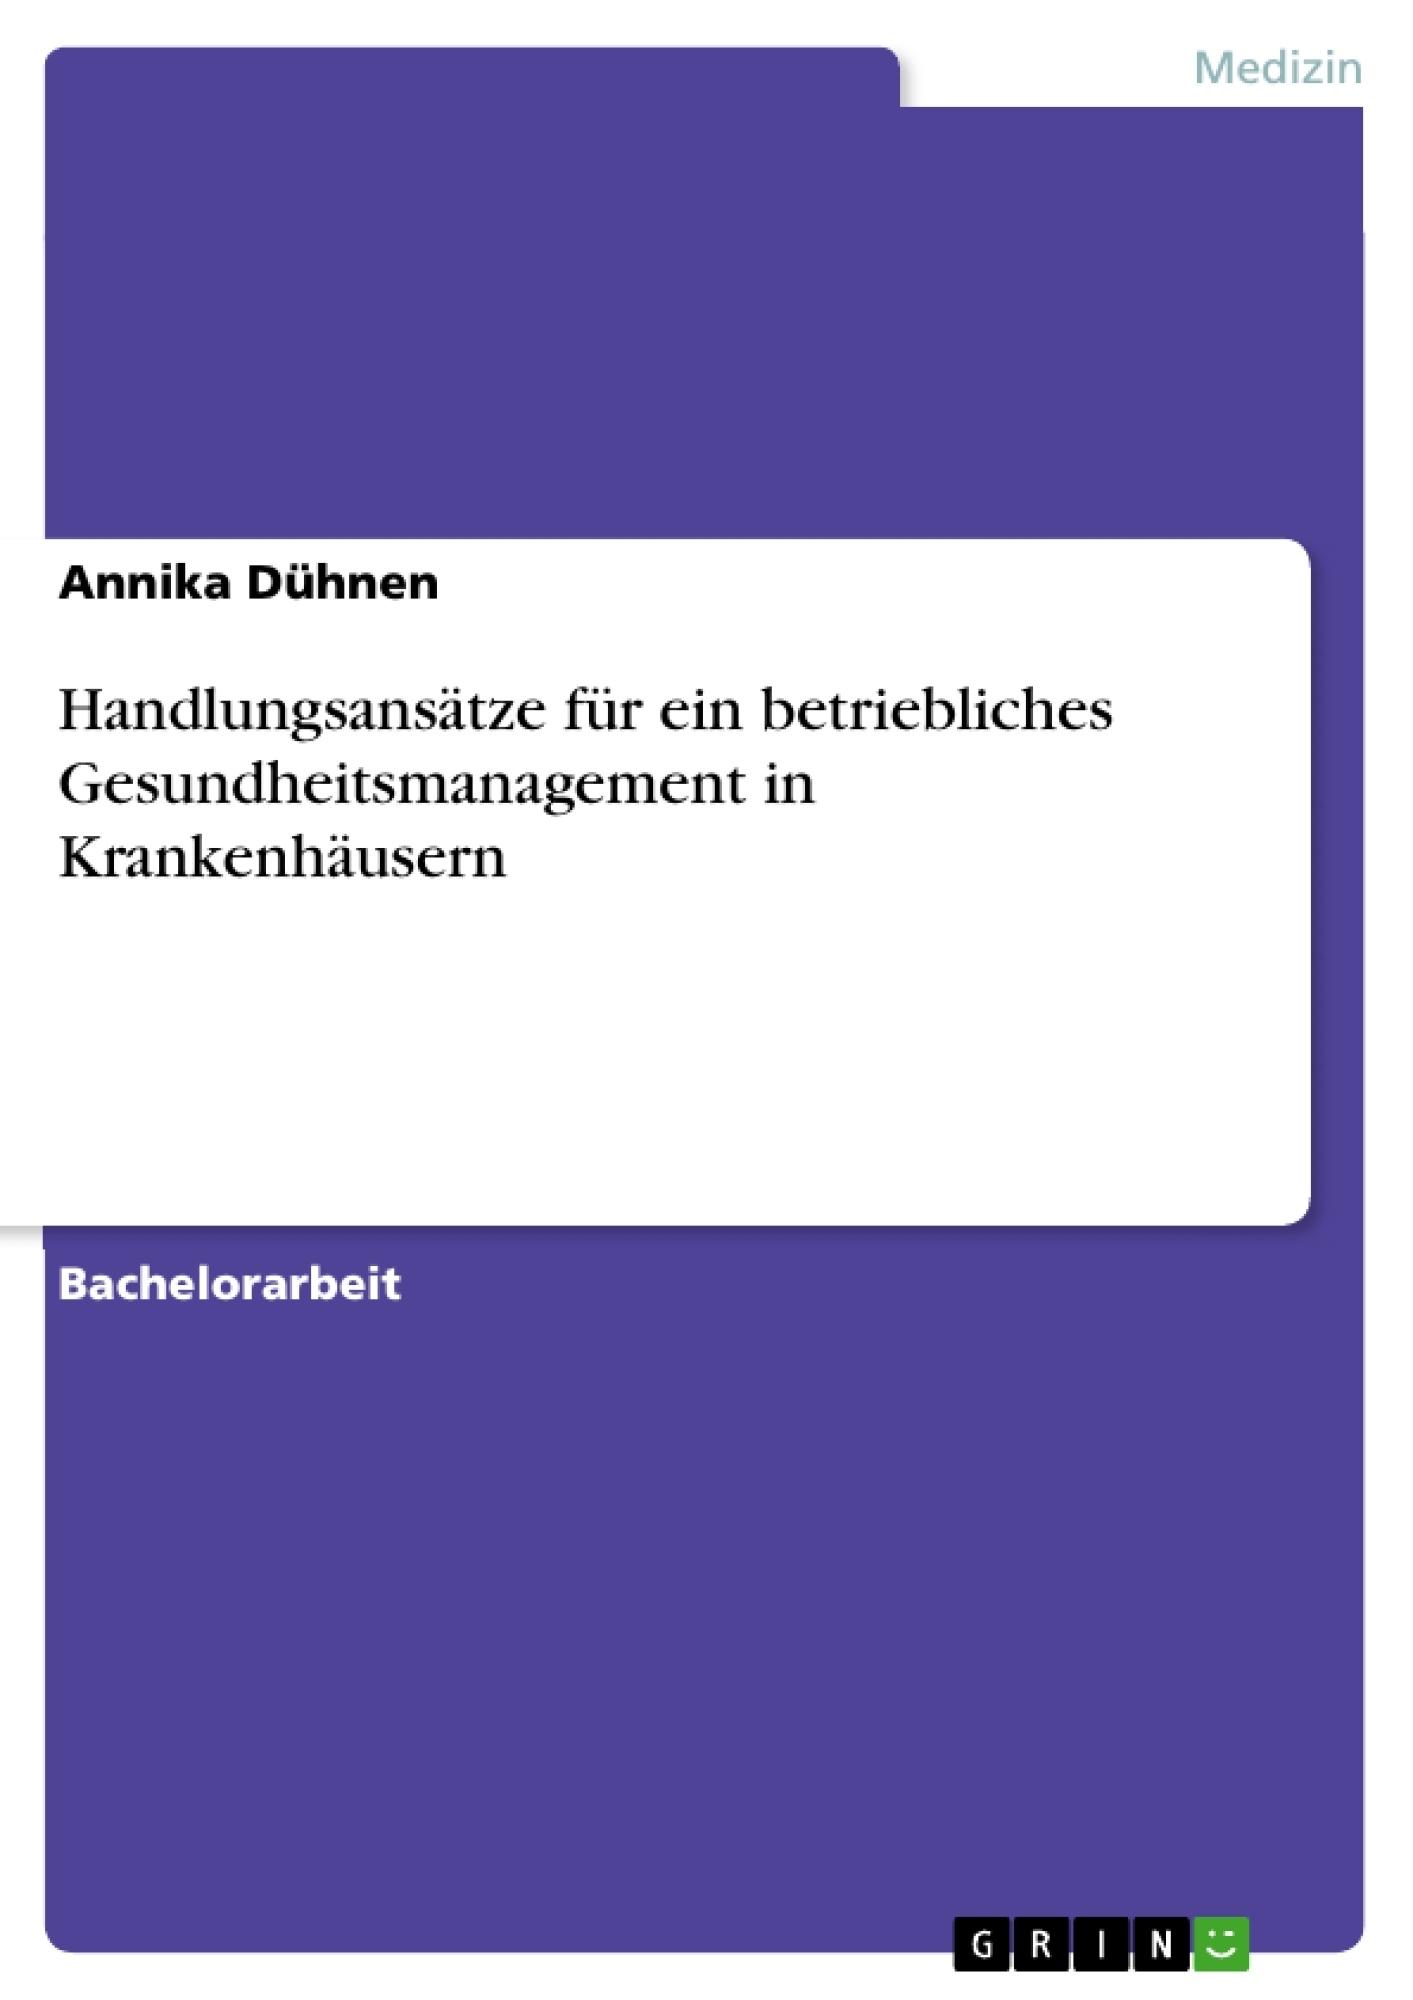 Titel: Handlungsansätze für ein betriebliches Gesundheitsmanagement in Krankenhäusern